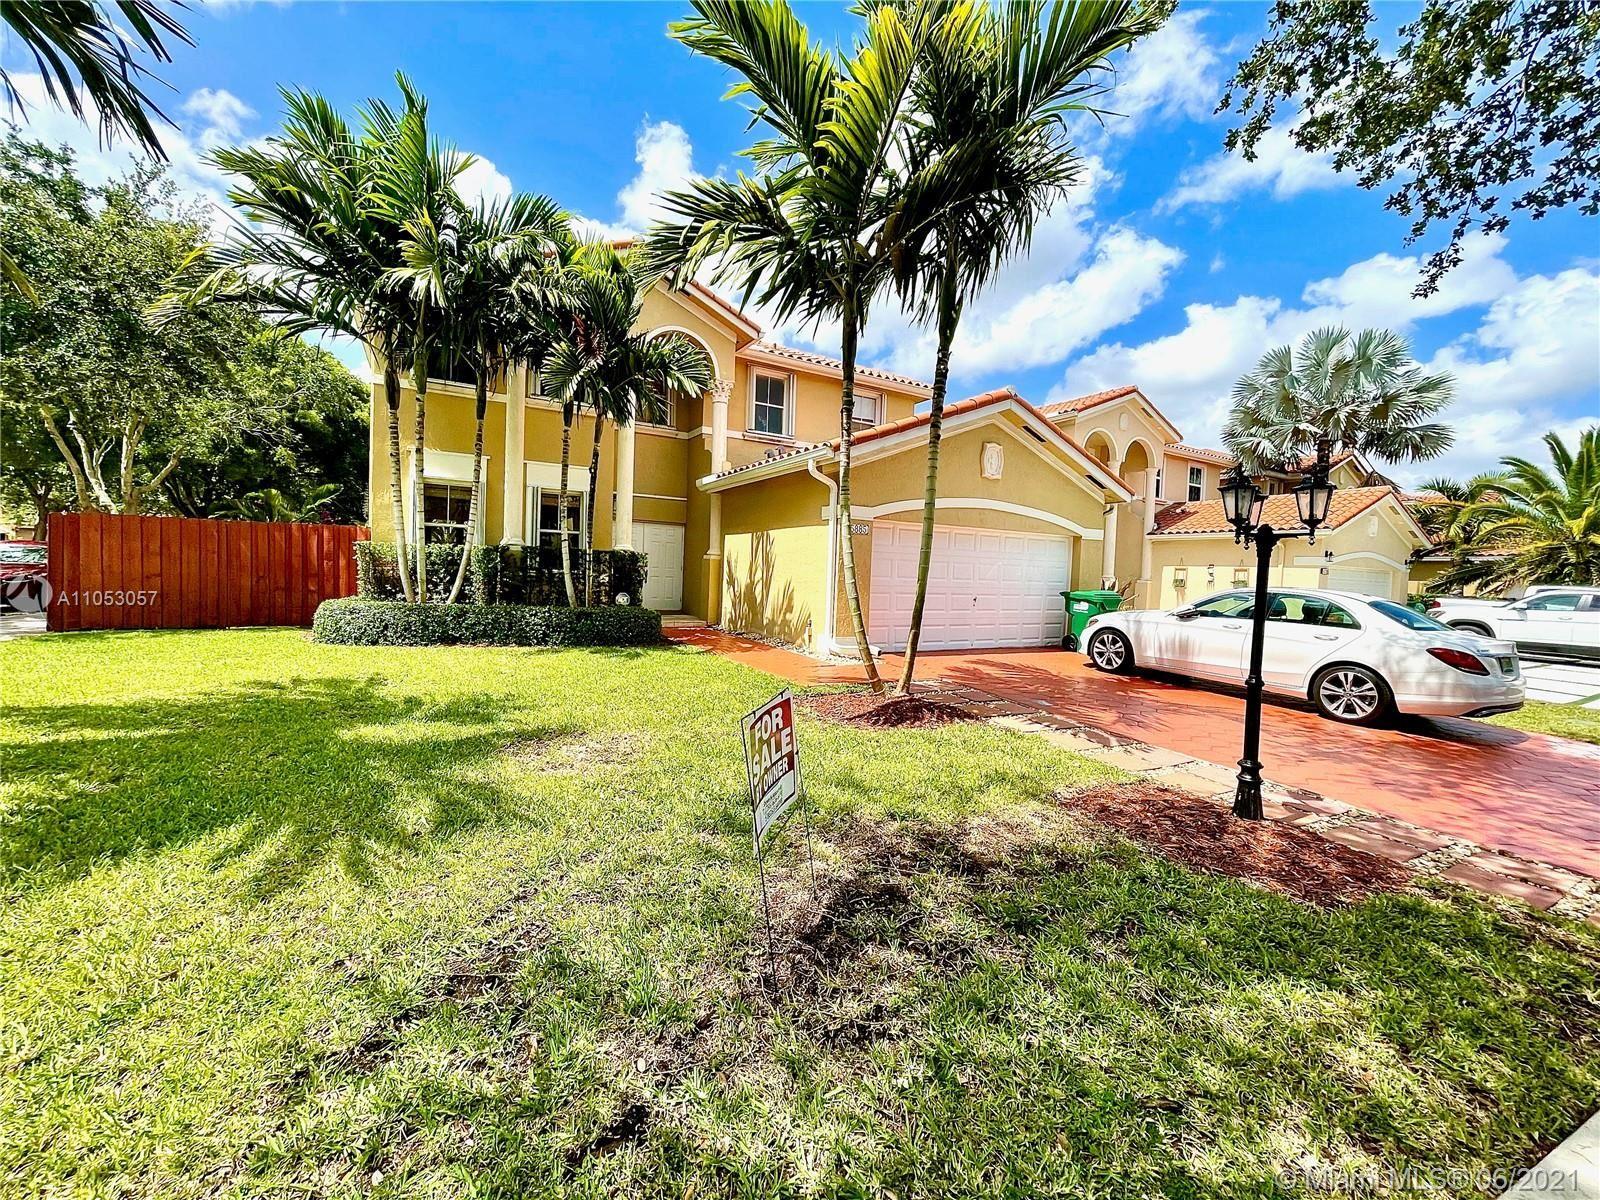 15885 SW 61st Way, Miami, FL 33193 - #: A11053057